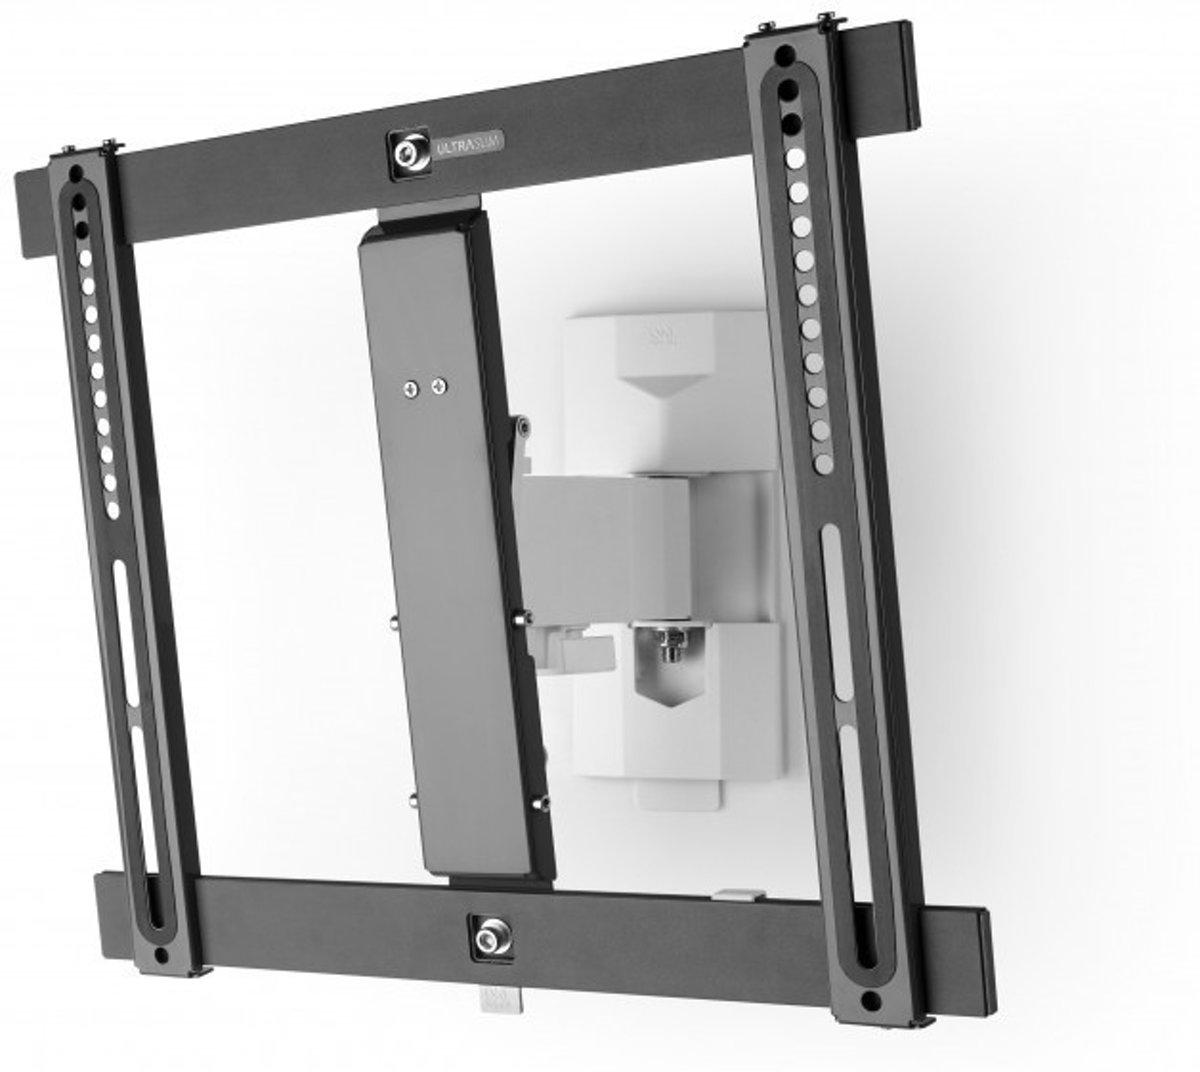 One® For All draai- en kantelbare TV muurbeugel SV 6440 kopen